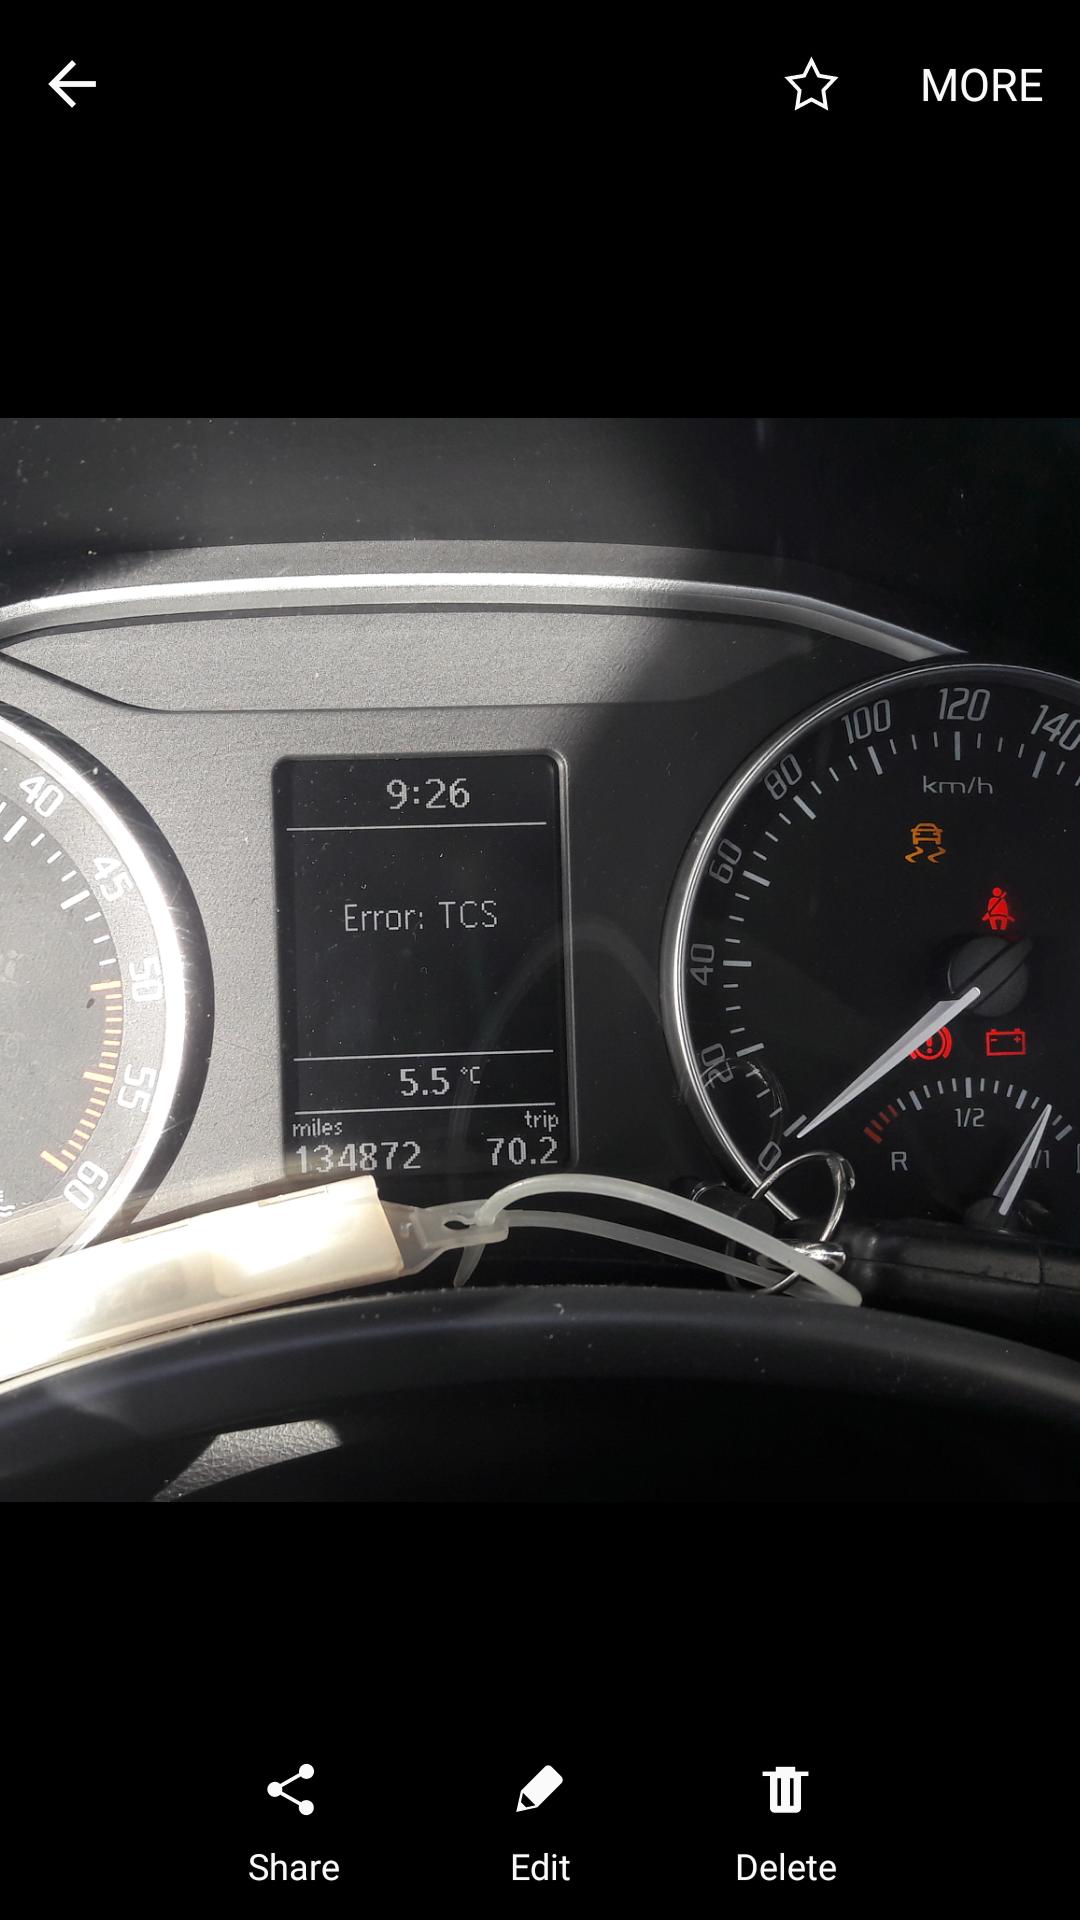 TCS Error won't start  - Skoda Octavia Mk II (2004 - 2013